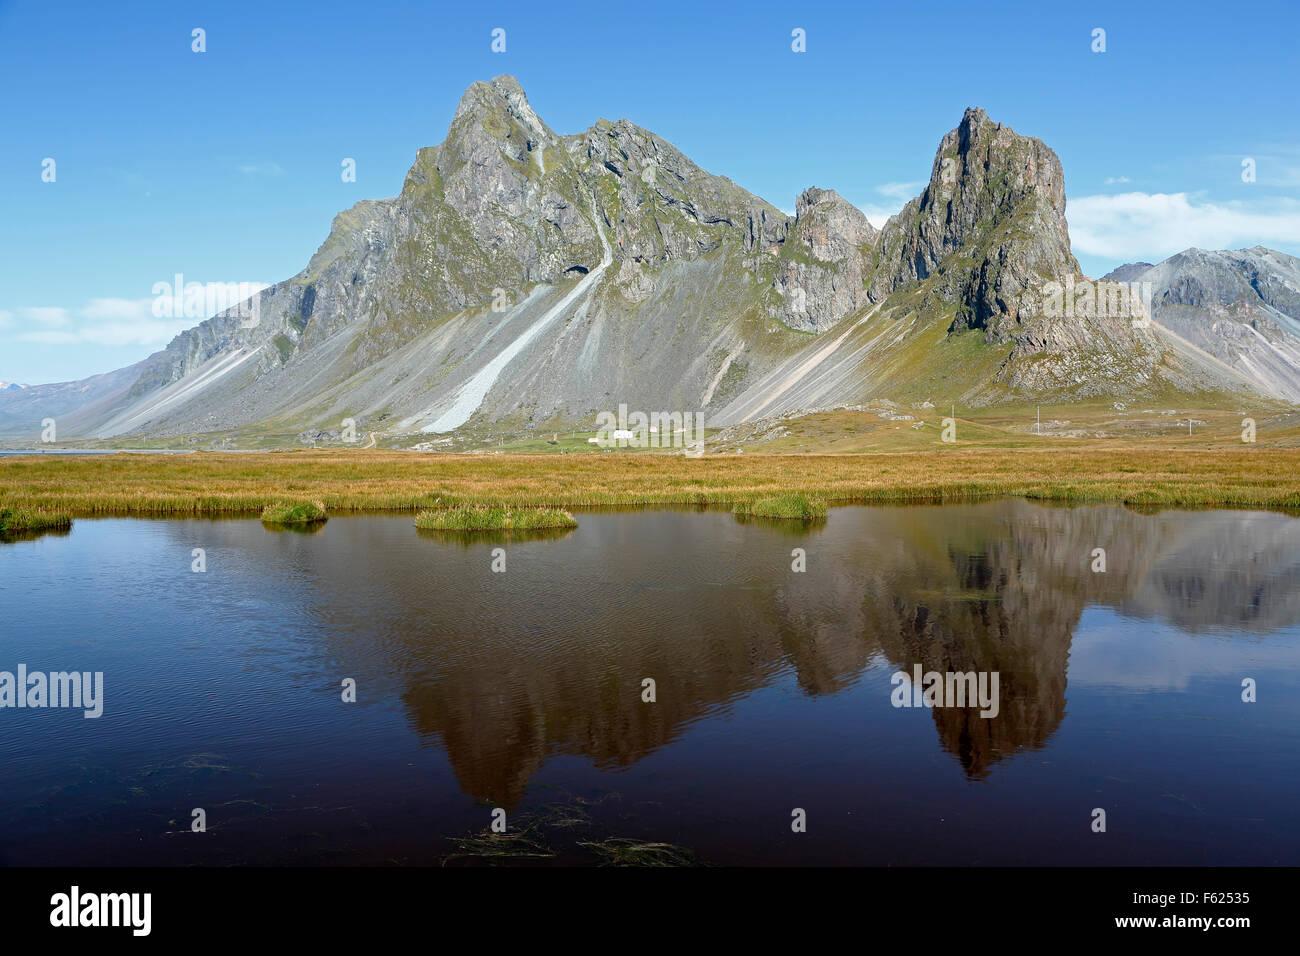 Vikurfjall réfléchi sur la montagne, près de l'étang de la réserve naturelle de l'Islande, Photo Stock